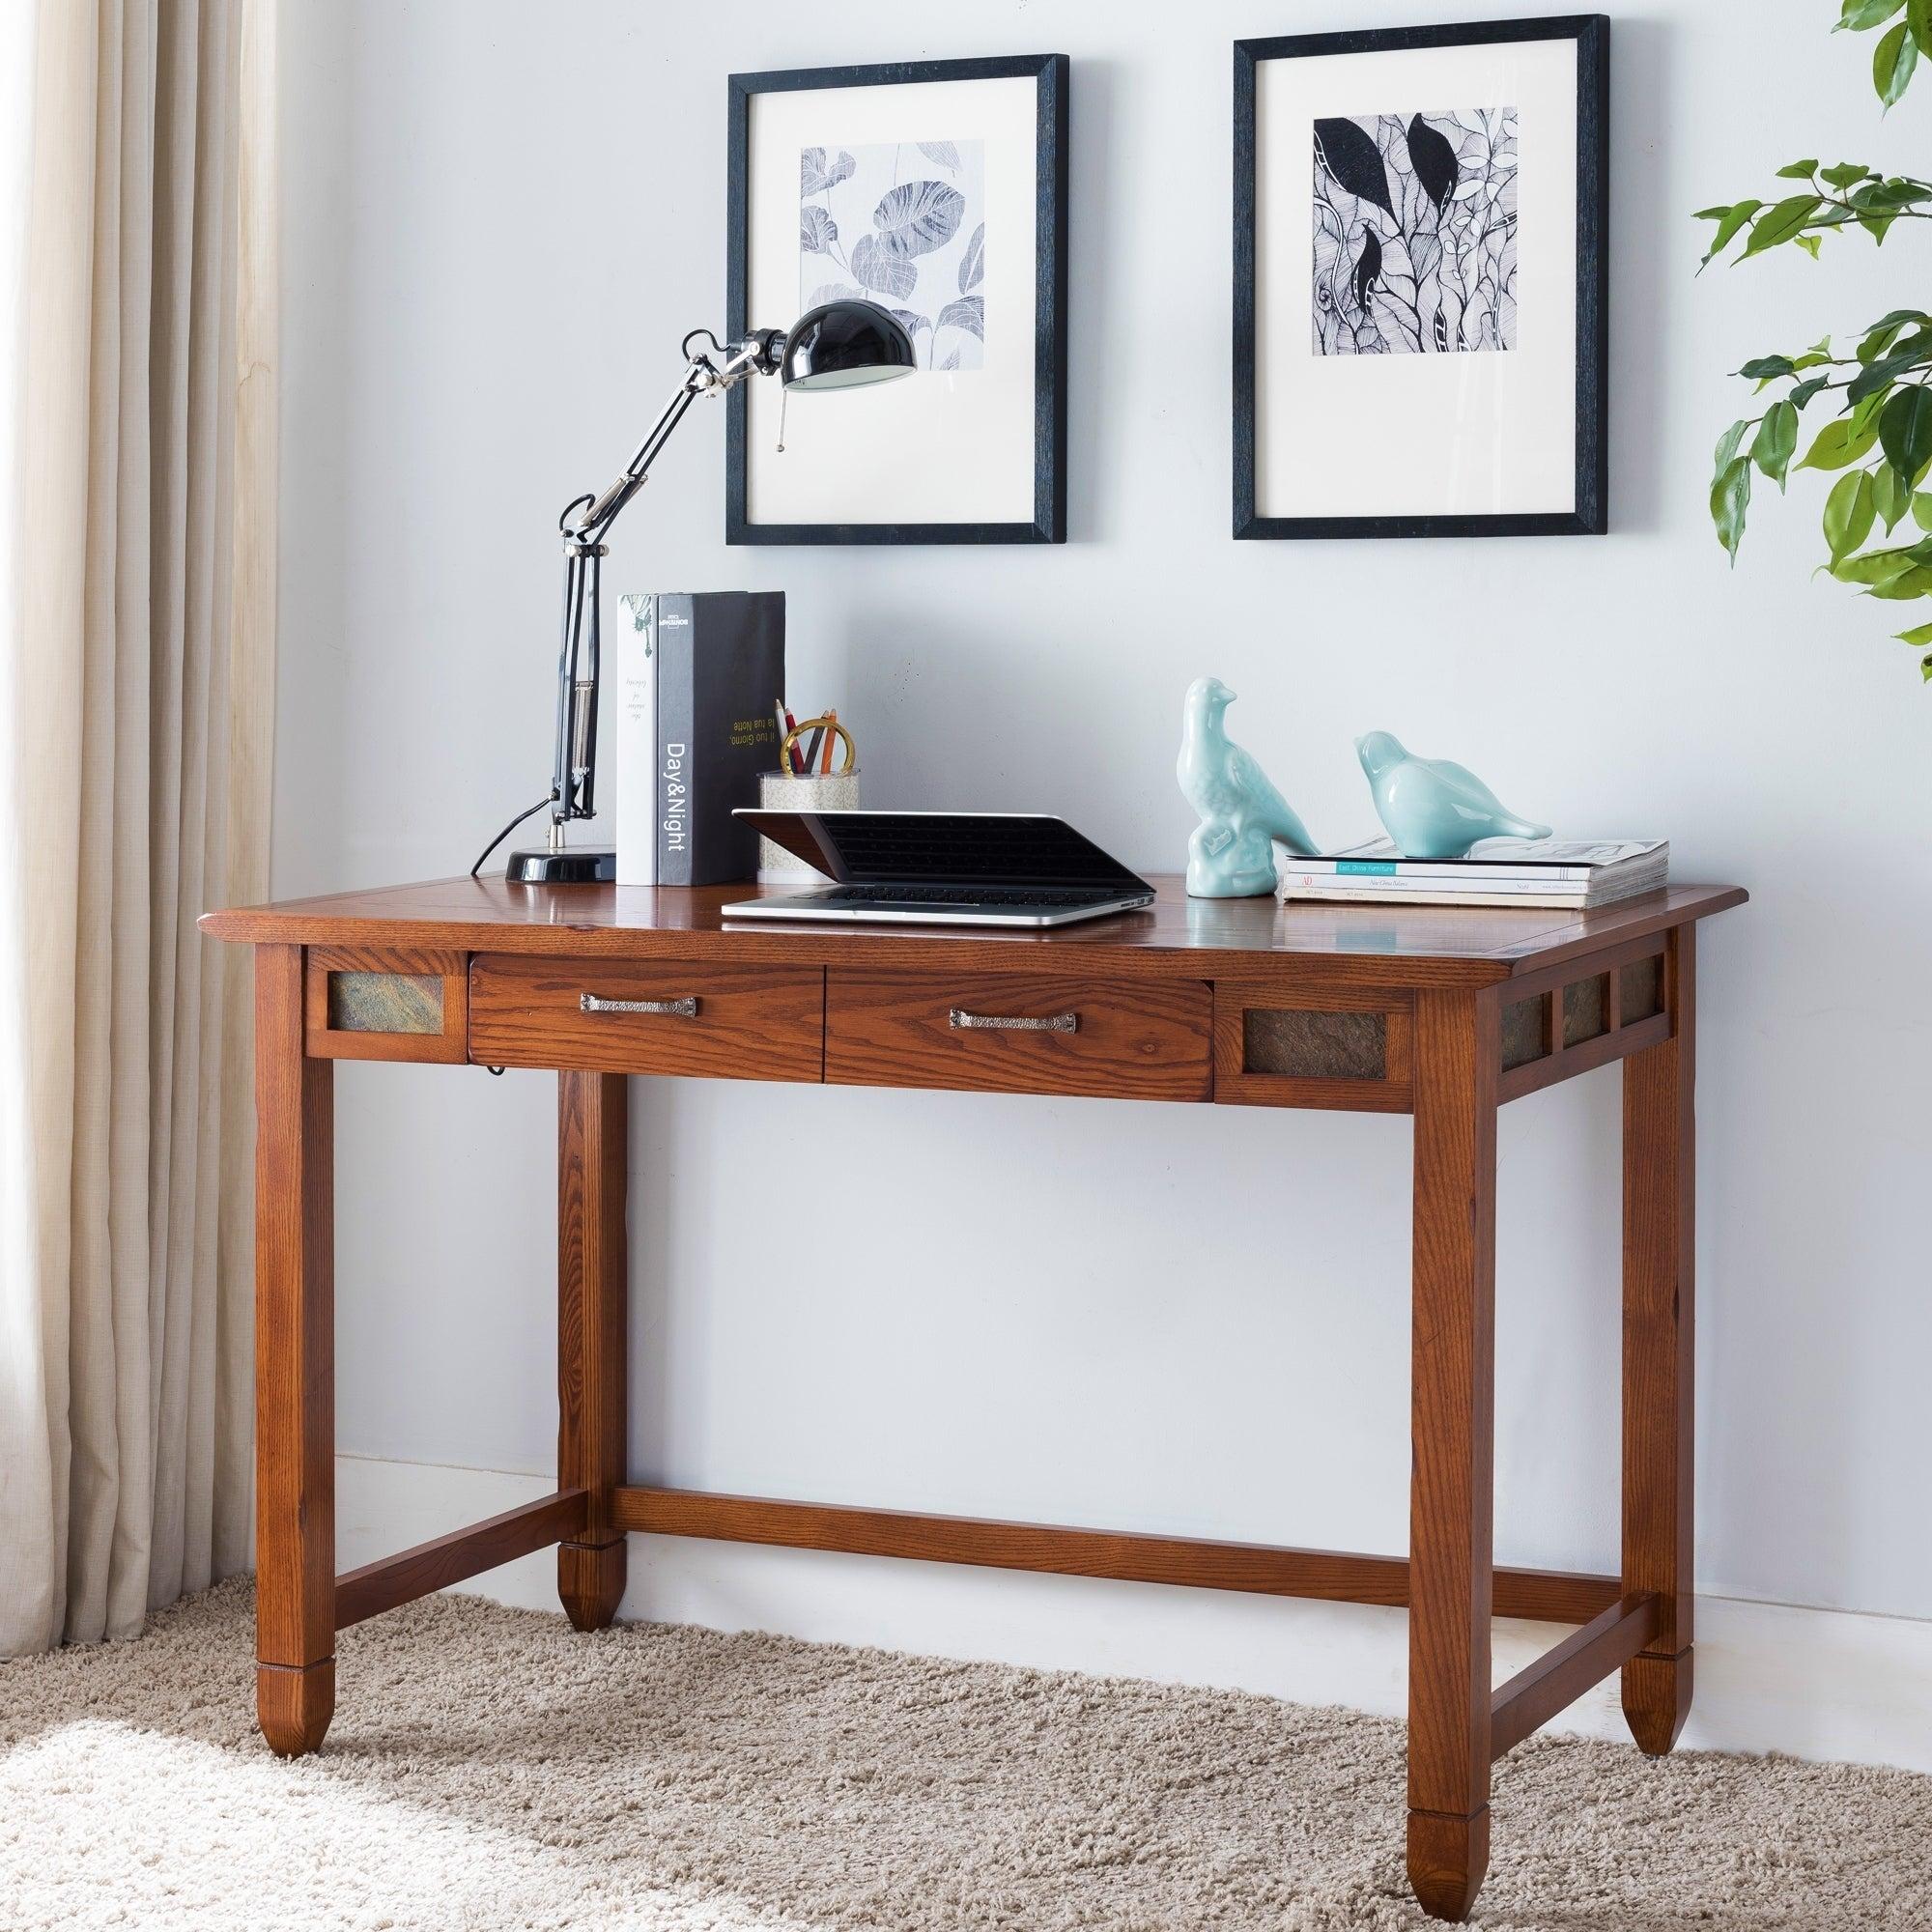 Shop Leick Furniture Rustic Oak Slate Laptop Desk With Center